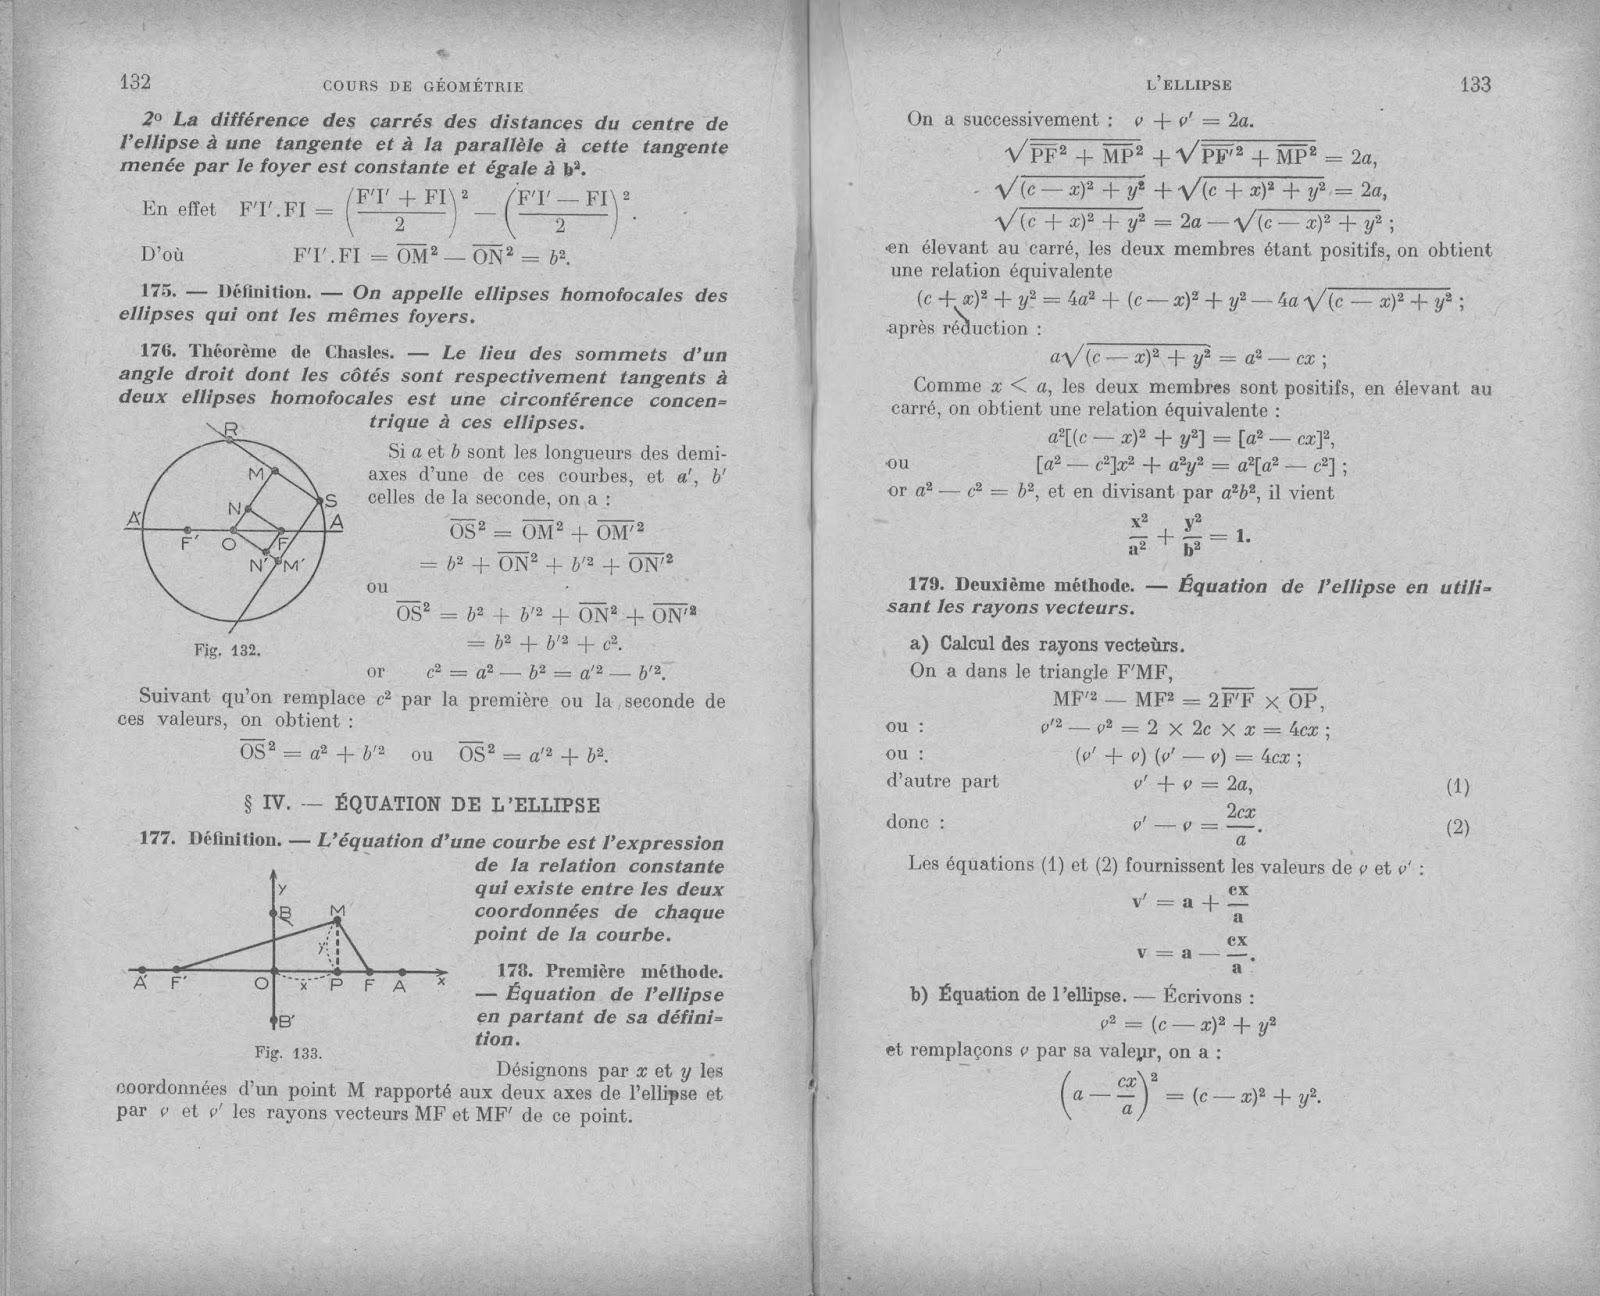 cours de philosophie terminale a4 pdf